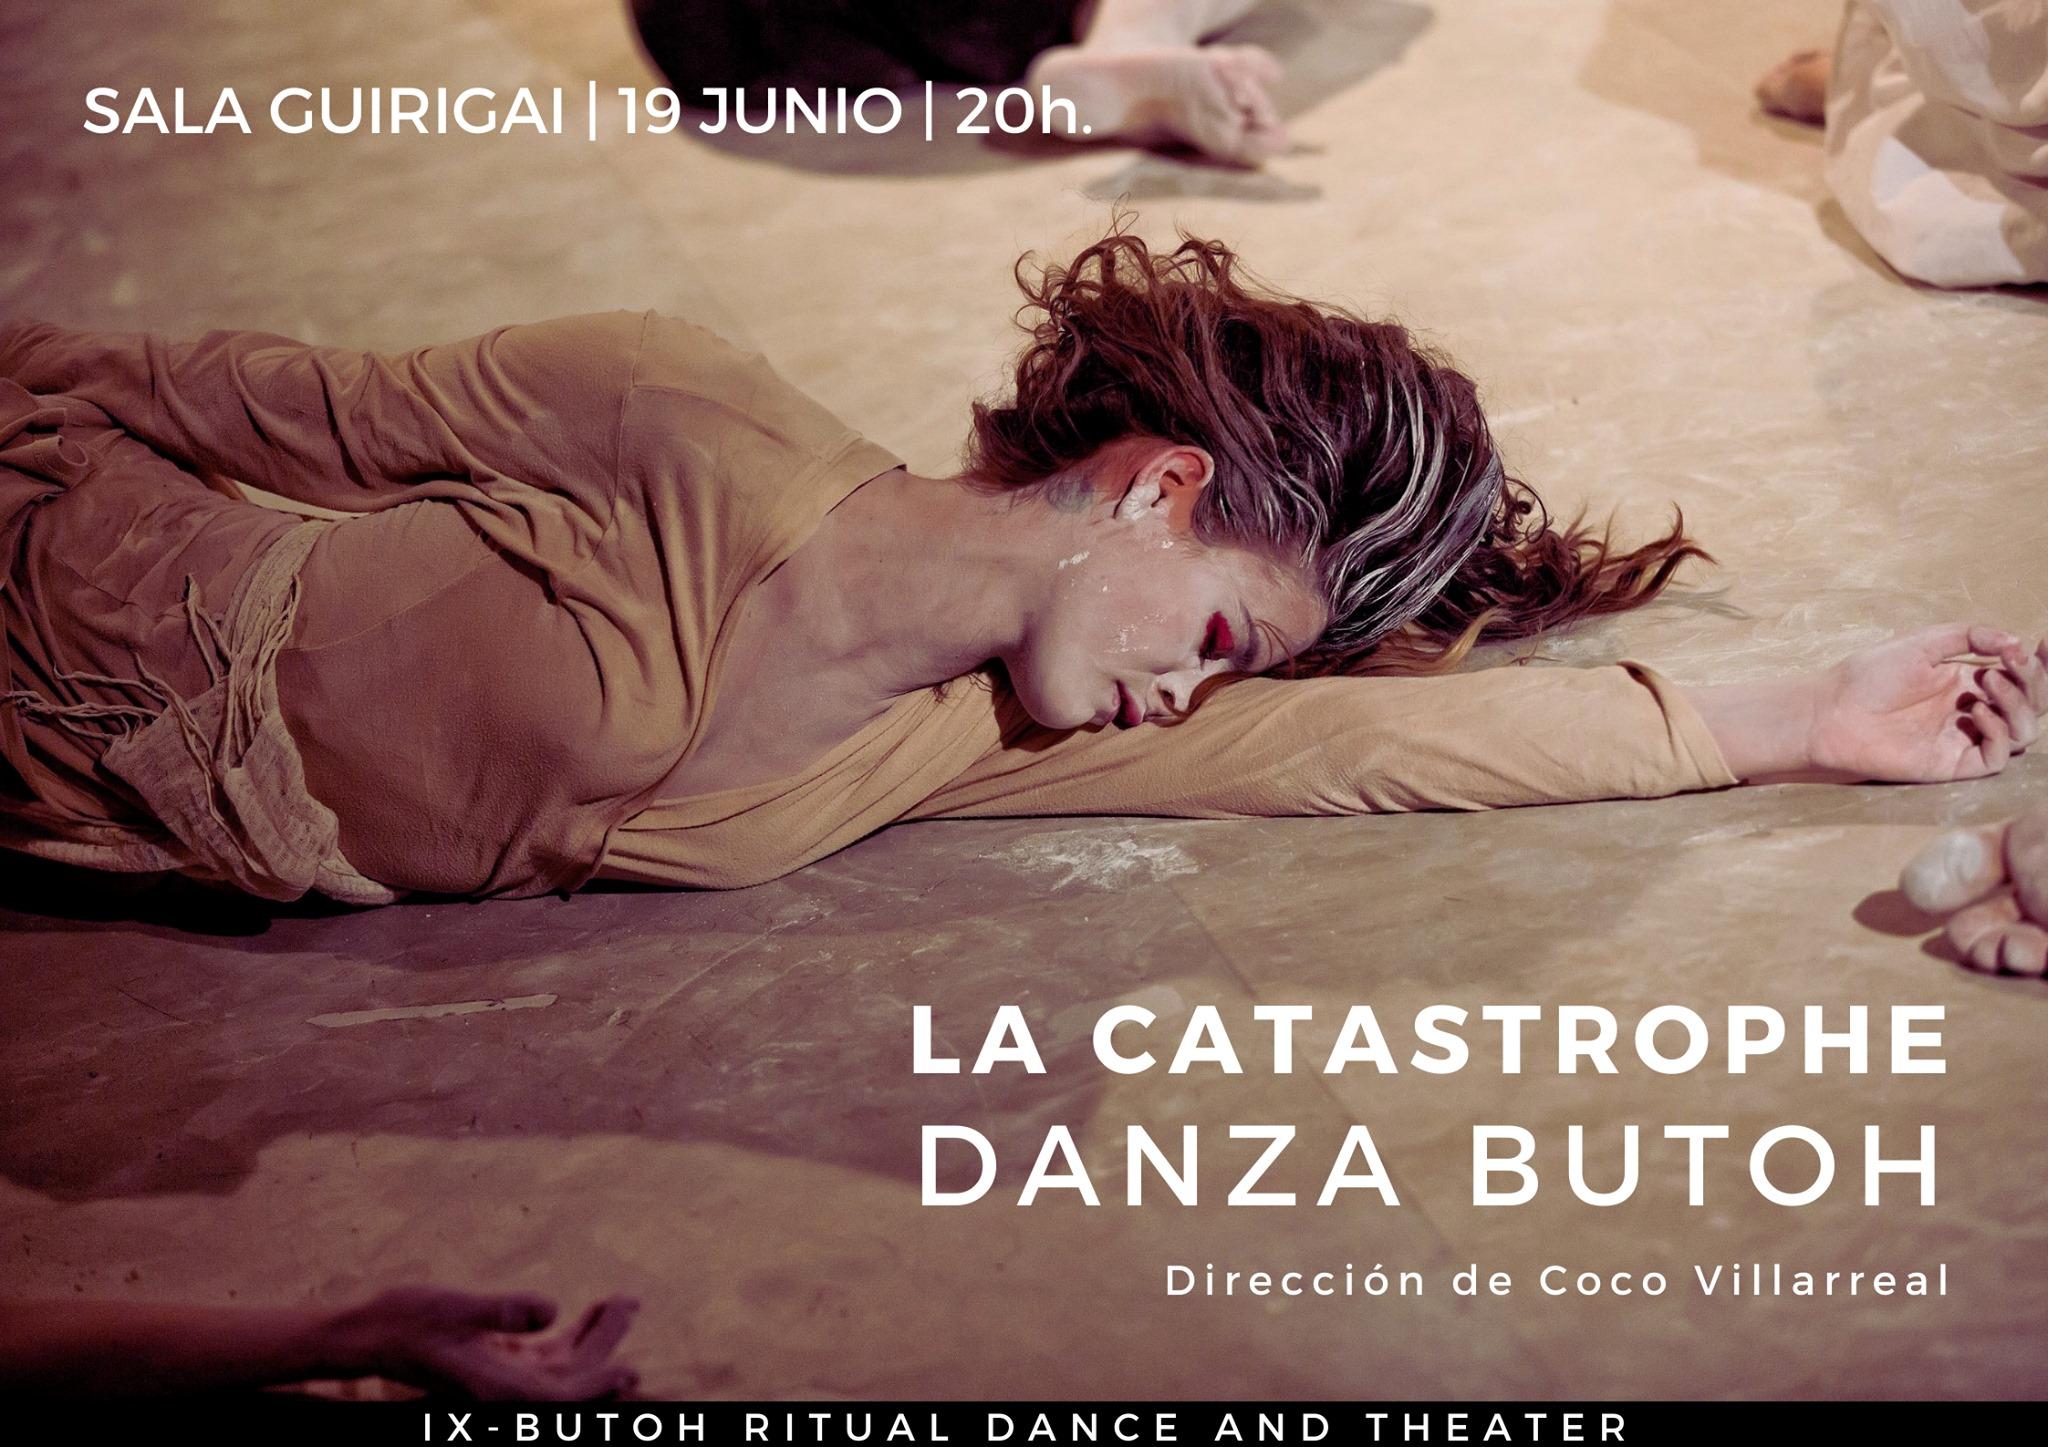 'LA CATASTROPHE, MÁS ALLÁ DEL GIRO', Danza Butoh